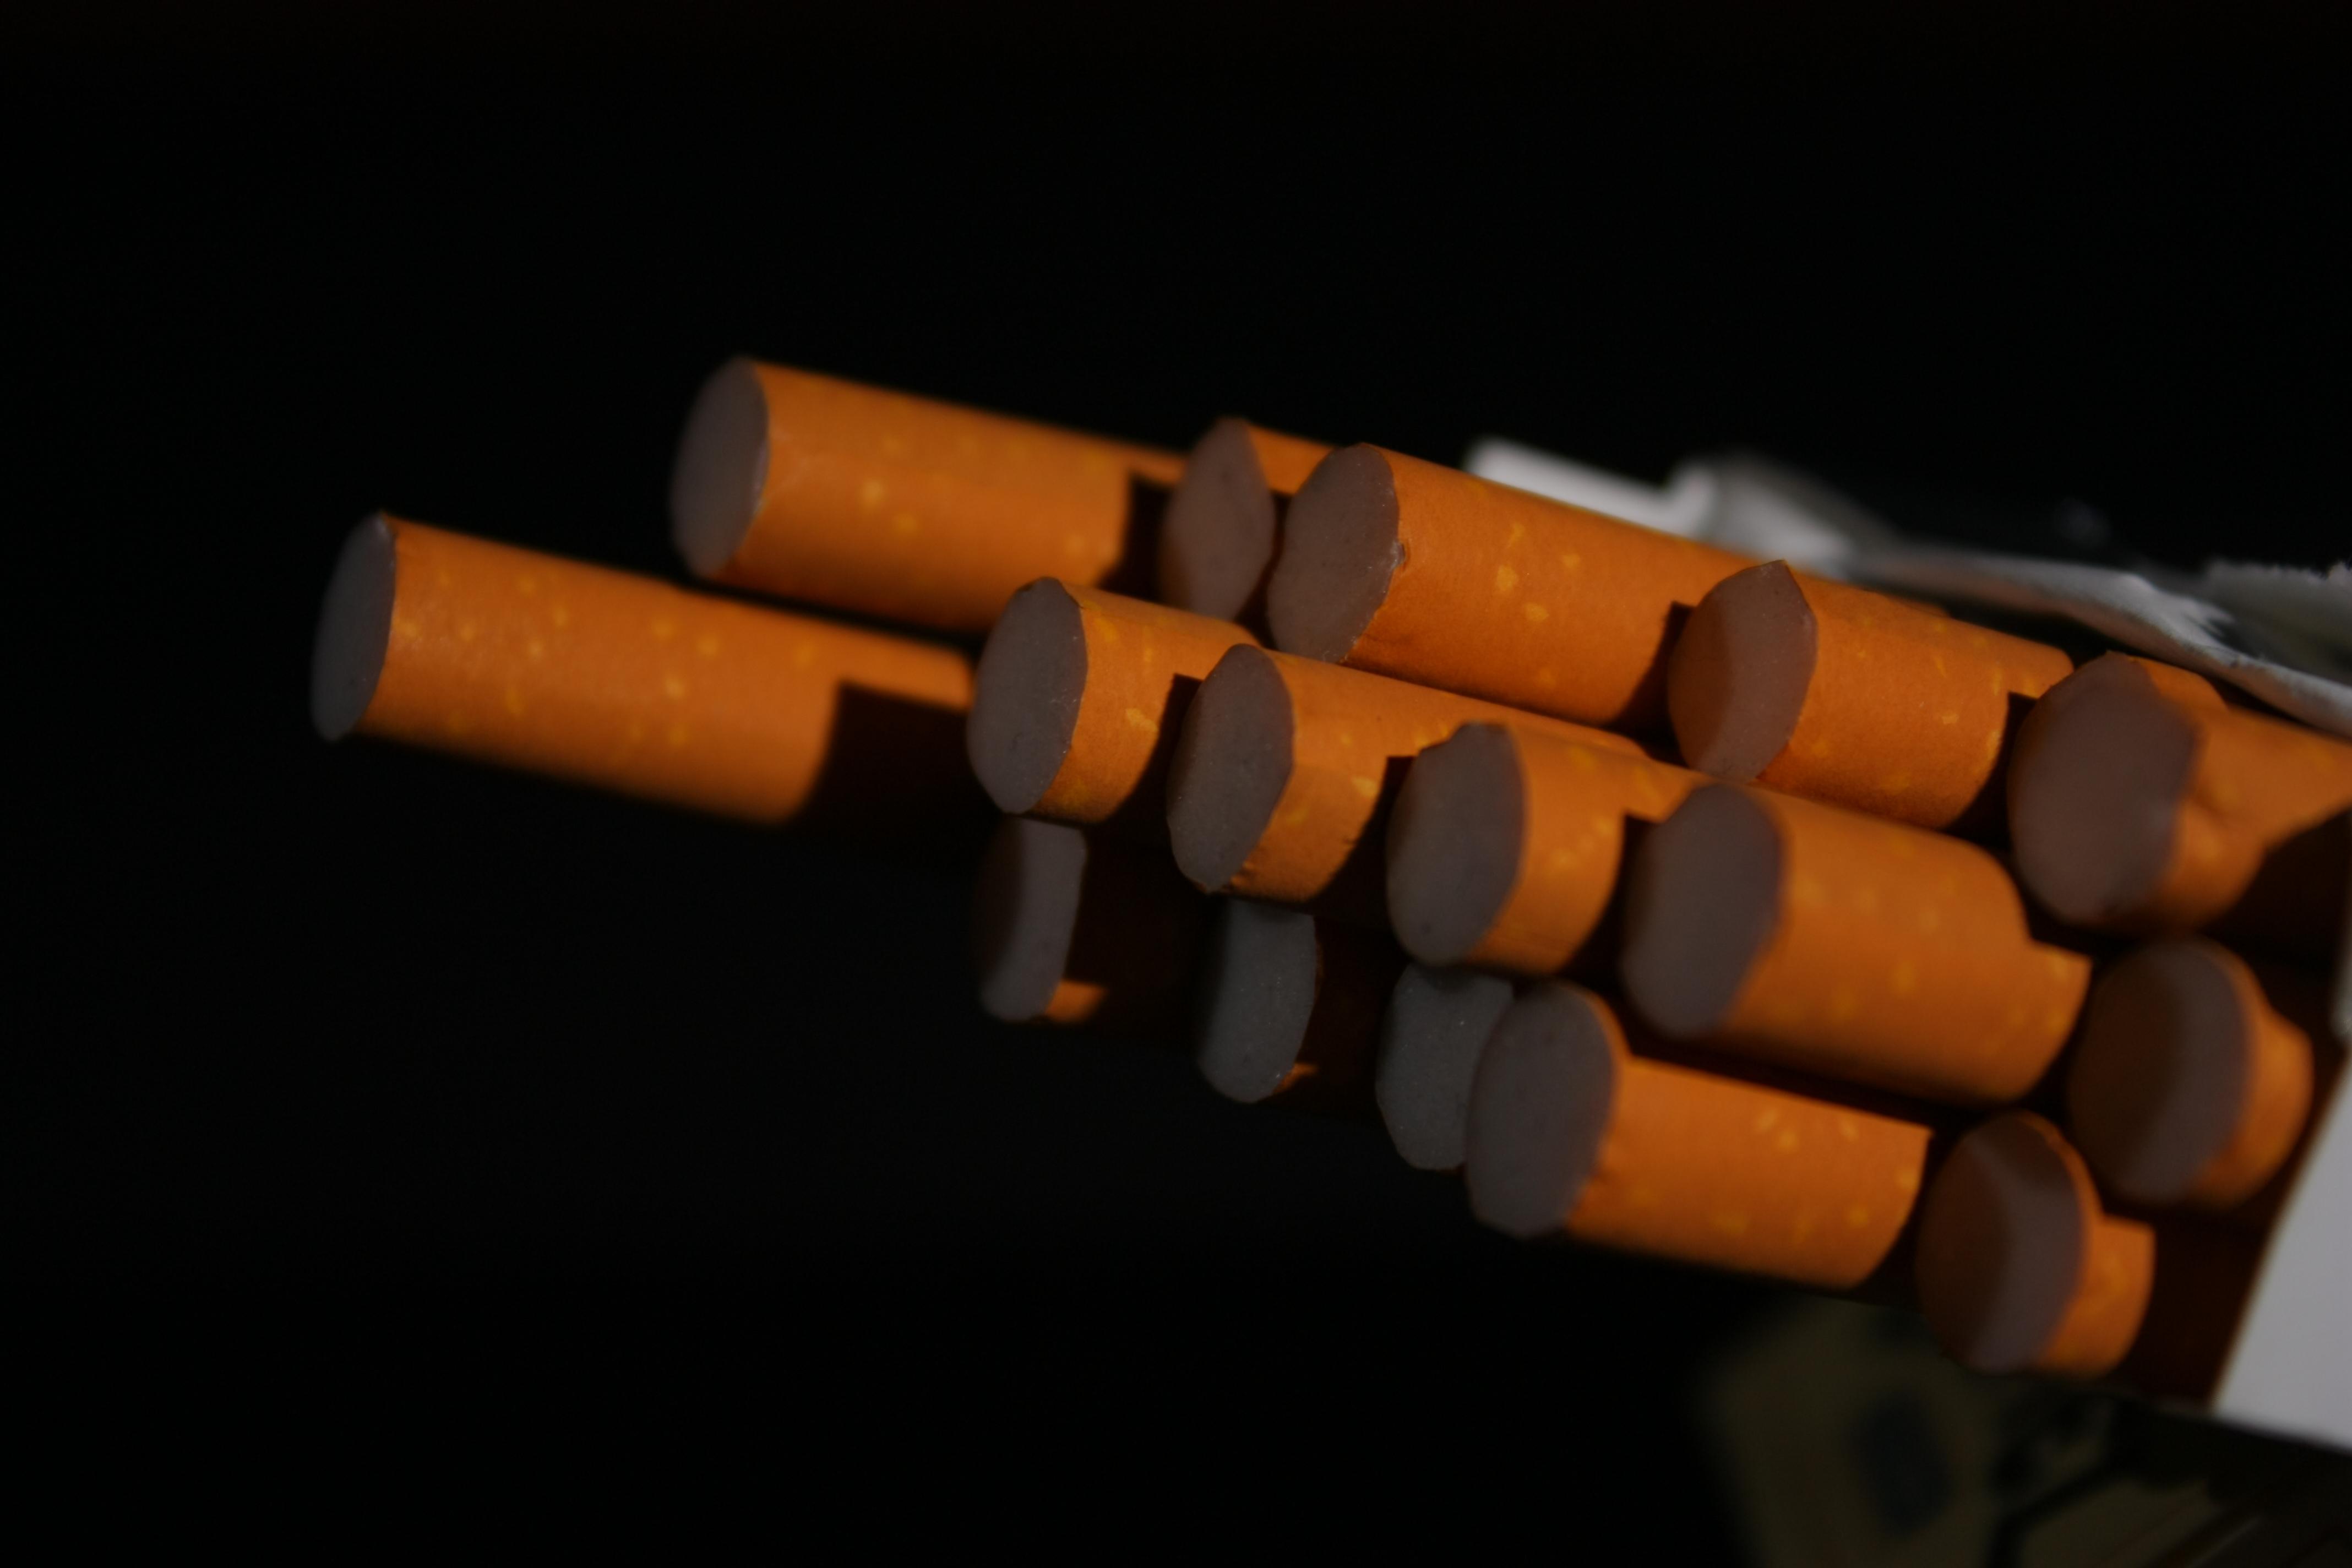 Cigarros en una cajetilla